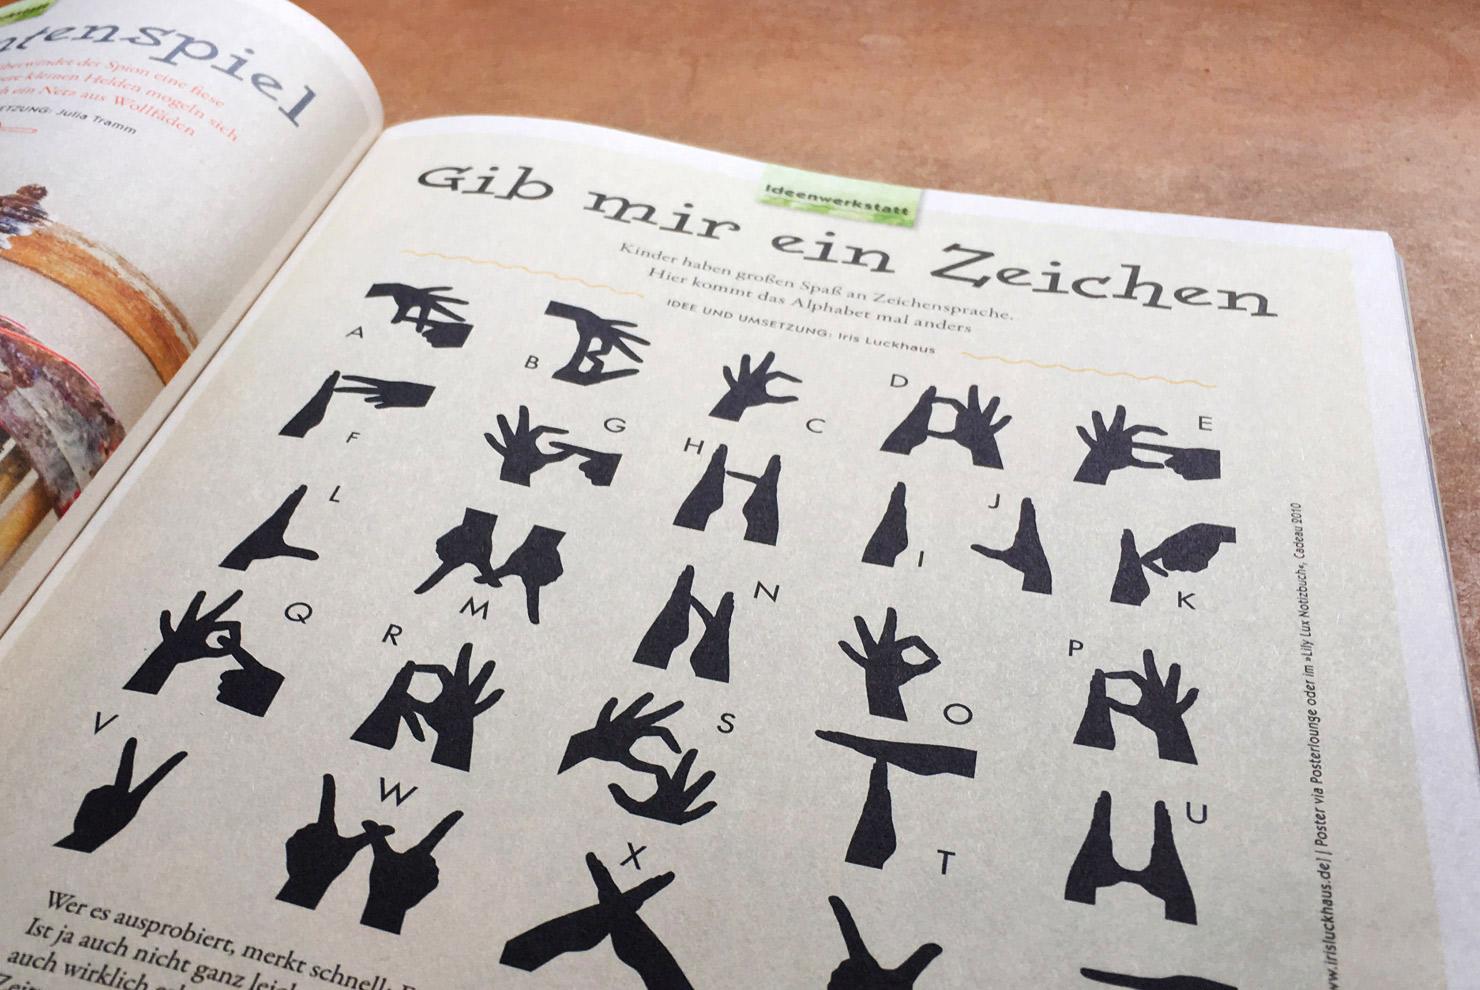 Fingeralphabet von Iris Luckhaus im Eltern Family Magazin